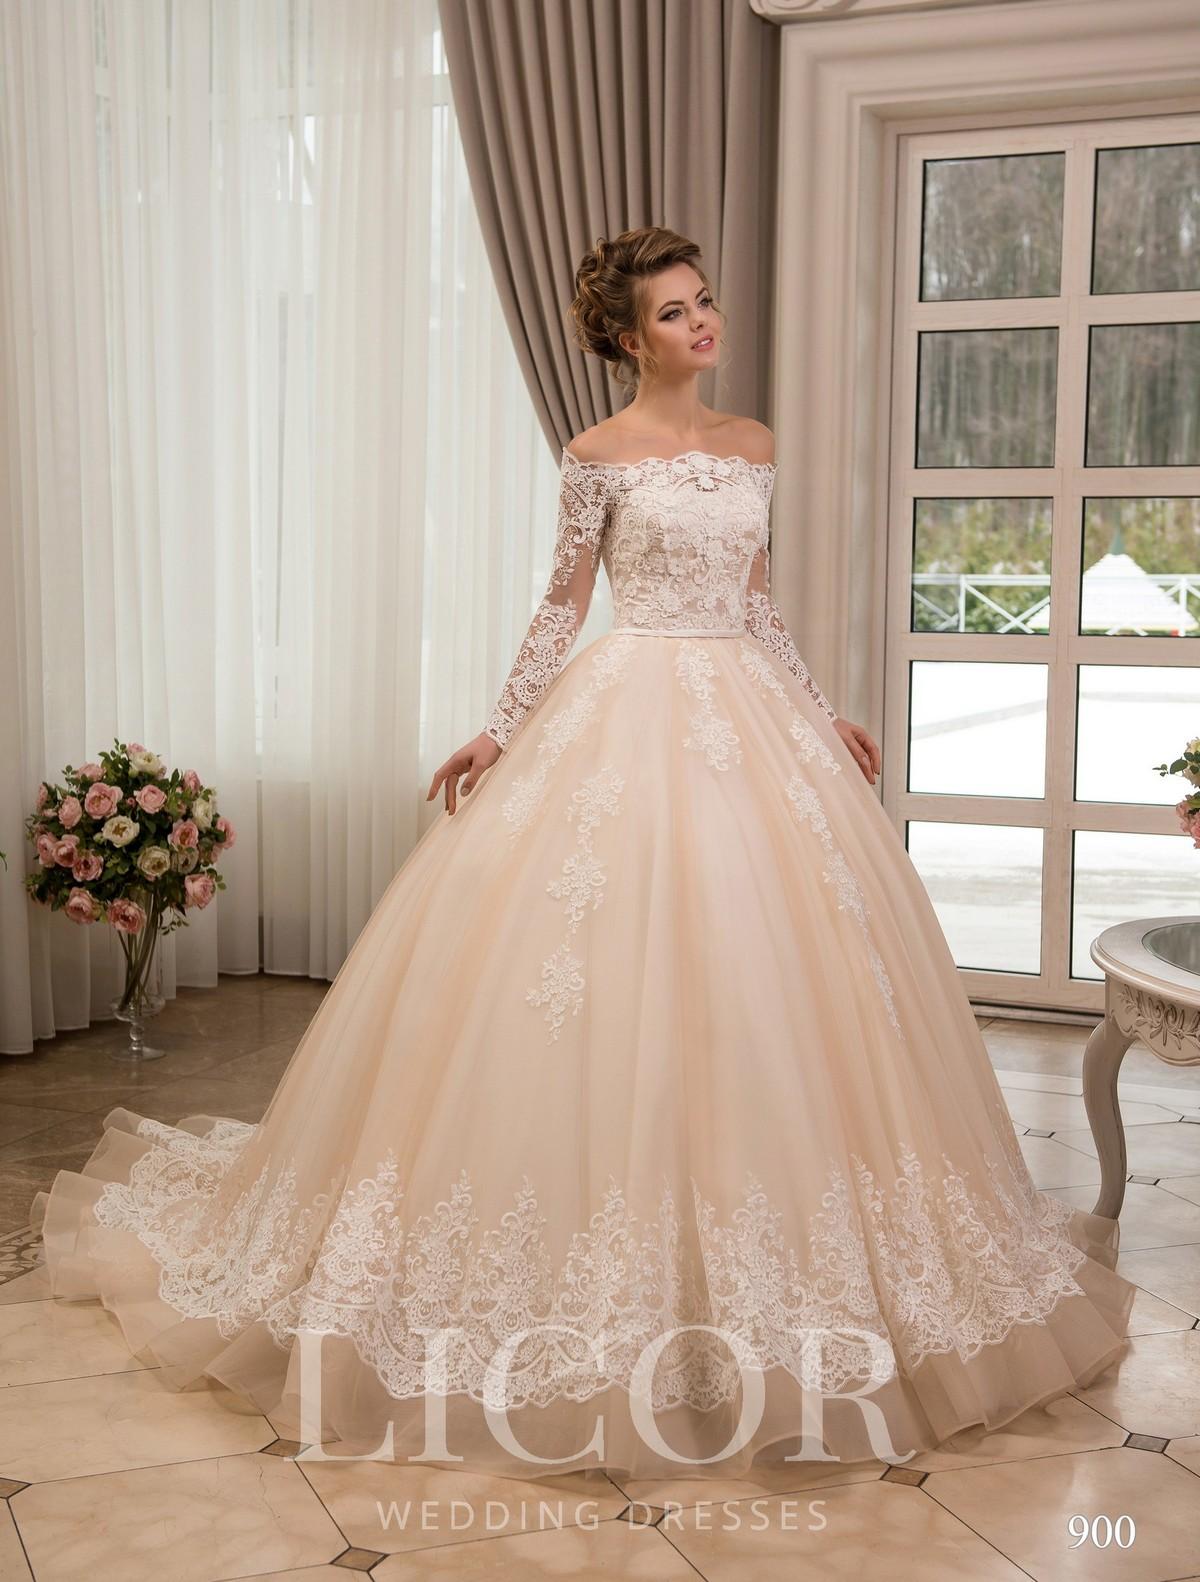 Как посмотреть цены на свадебные платья